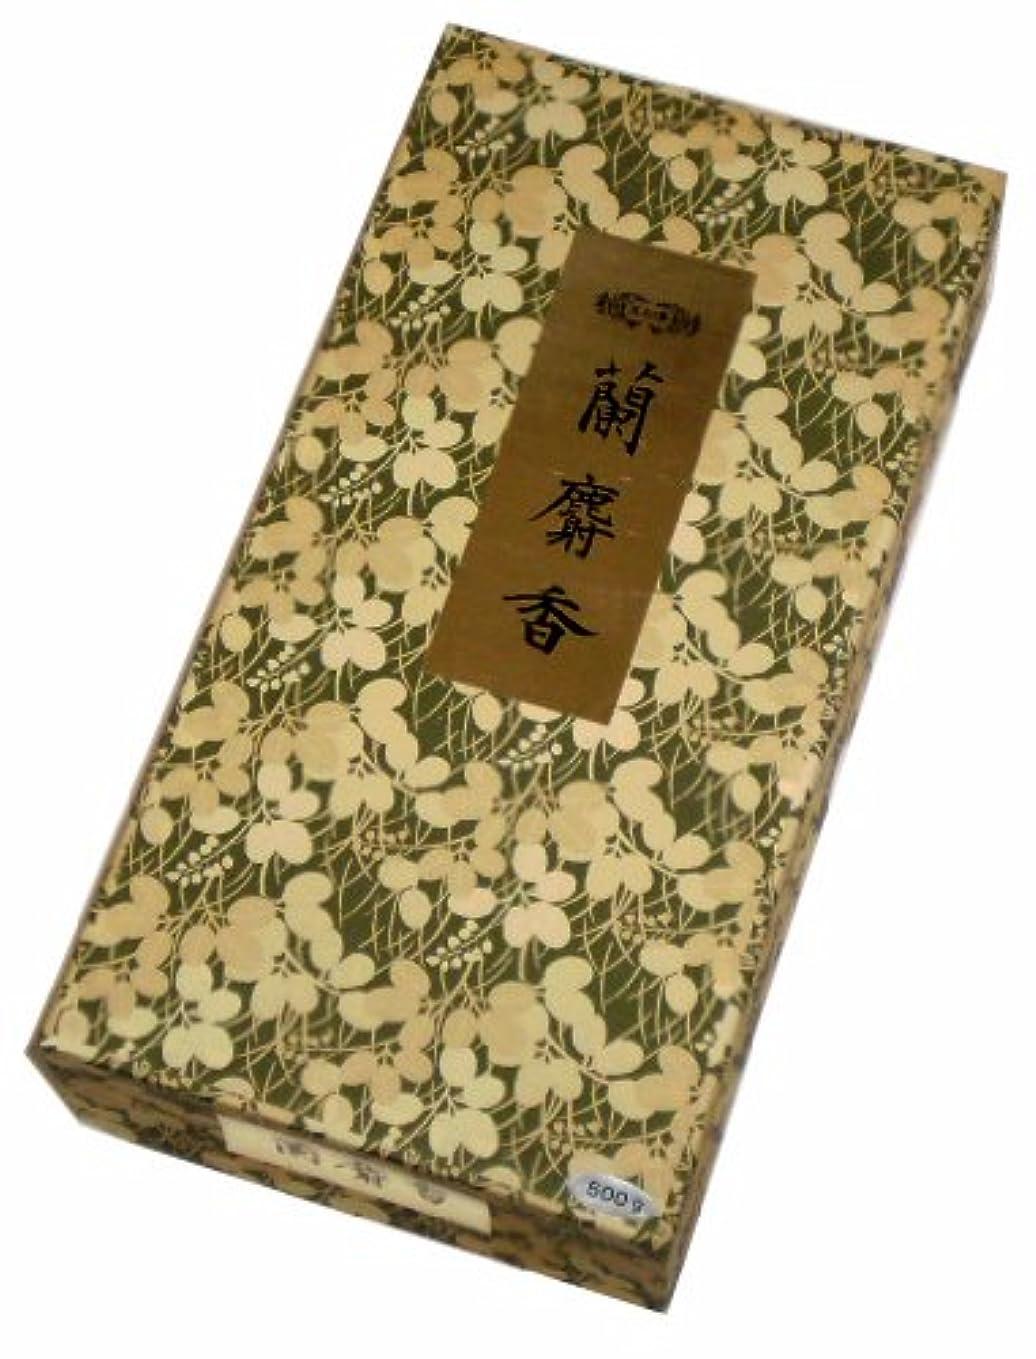 魅惑するひいきにする郵便番号玉初堂のお香 蘭麝香 500g #621